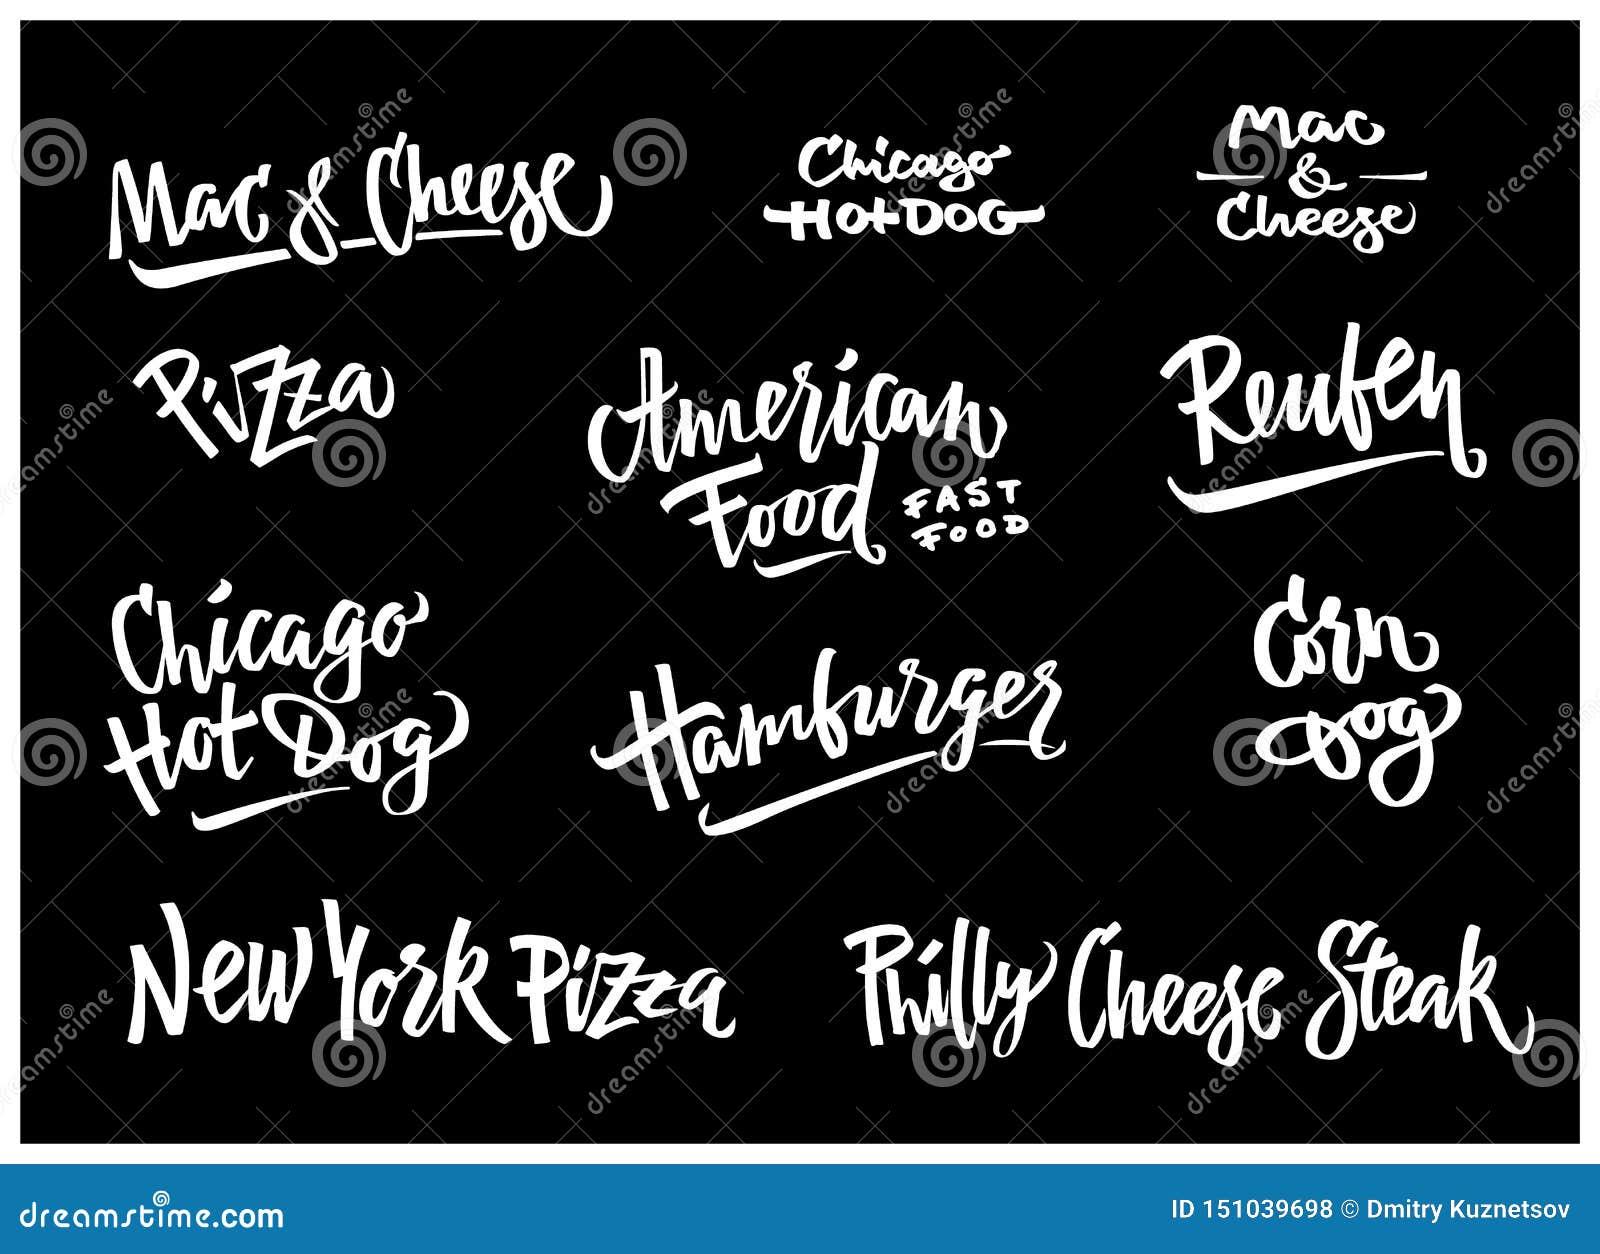 手拉的传染媒介例证普遍的美国食物品种玉米面热狗,芝加哥热狗,汉堡包,费城乳酪